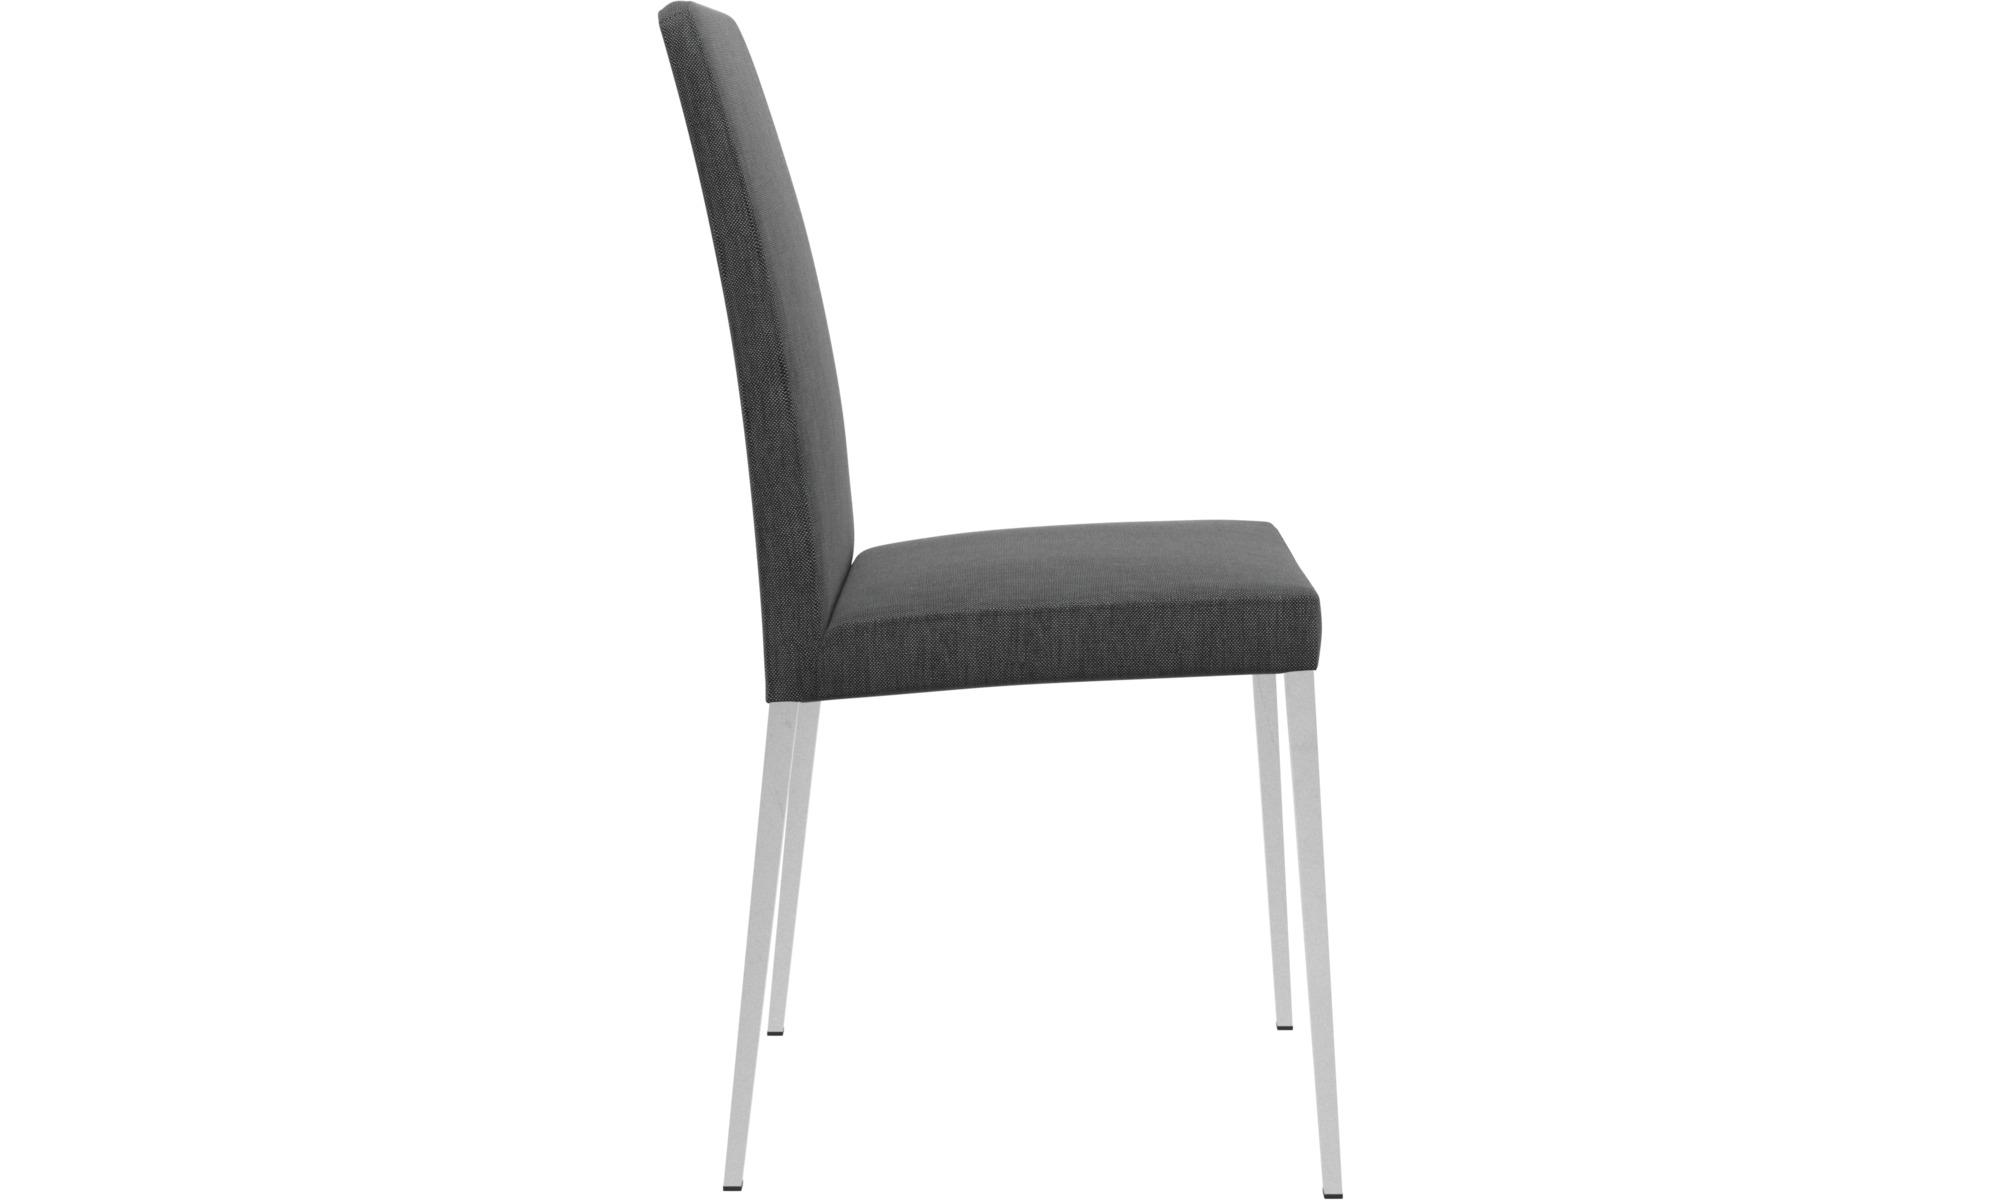 Stuhl grau stoff elegant cool stuhl holzbeine ger pl sk - Boconcept stuhle ...